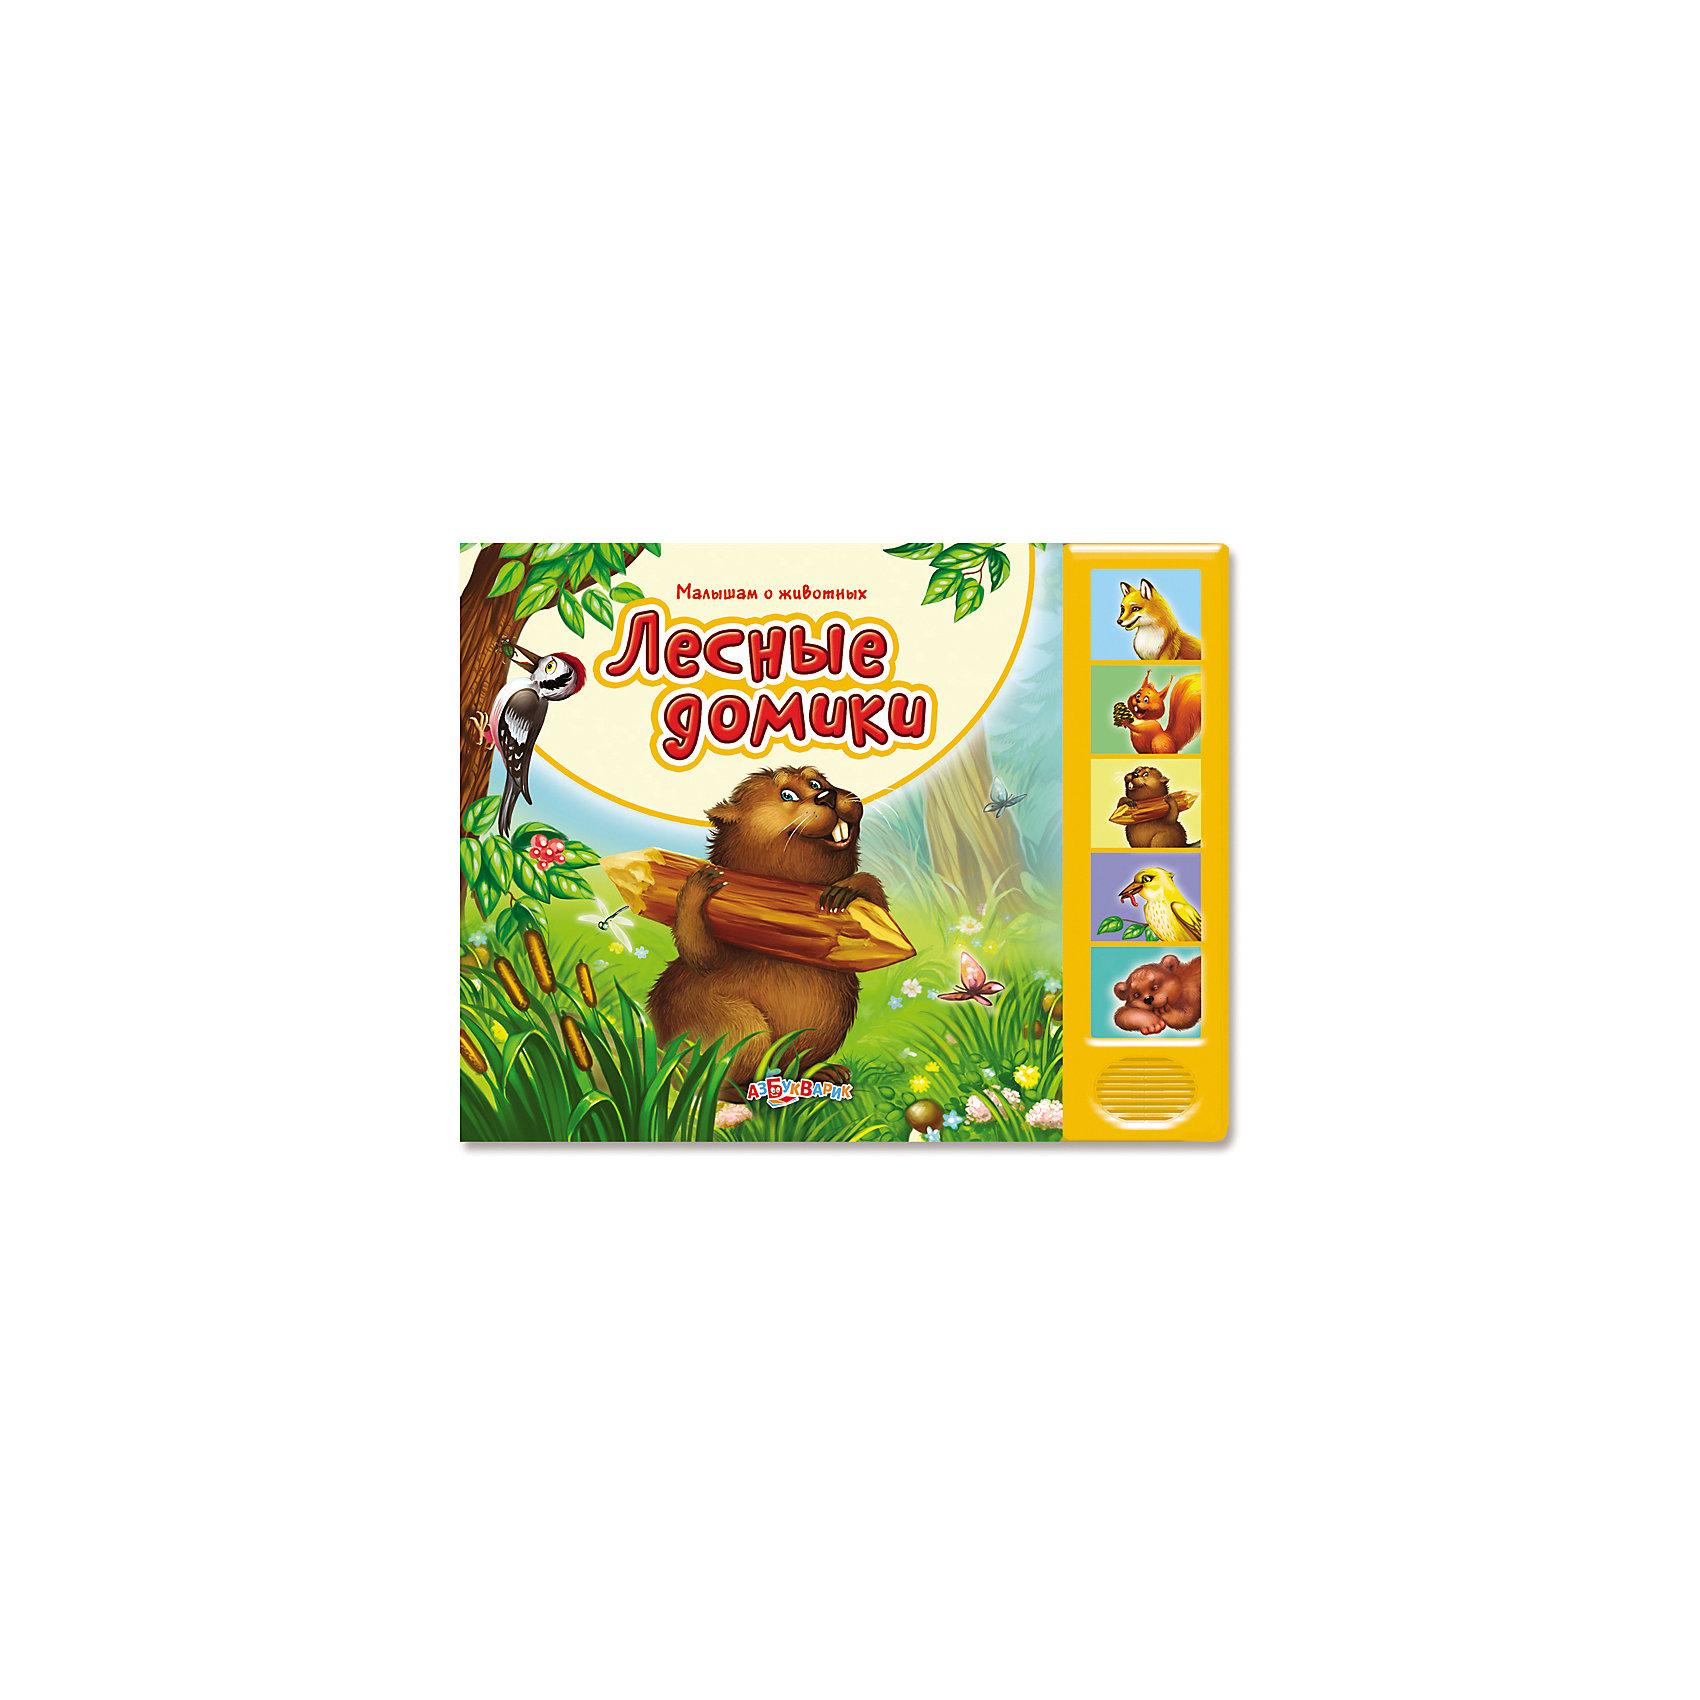 Книга со звуковым модулем Лесные домикиЭта яркая книжка со звуковым модулем обязательно понравится ребенку и надолго увлечет его. Красочные иллюстрации, веселые стихи и кнопочки со звуками расскажут маленьким почемучкам о лесных зверятах и их домиках. <br>Плотная обложка и картонные страницы идеально подойдут даже для самых юных и активных читателей. <br><br>Дополнительная информация:<br><br>- Формат: 22,5х17,5 см.<br>- Количество страниц: 12.<br>- Переплет: твердый.<br>- Иллюстрации: цветные.<br>- Плотные картонные страницы. <br>- Звуковой модуль. <br>- Элемент питания: батарейки (AG13/LR44), в комплекте. <br><br>Книгу со звуковым модулем Лесные домики можно купить в нашем магазине.<br><br>Ширина мм: 22<br>Глубина мм: 17<br>Высота мм: 22<br>Вес г: 325<br>Возраст от месяцев: 24<br>Возраст до месяцев: 48<br>Пол: Унисекс<br>Возраст: Детский<br>SKU: 4951760